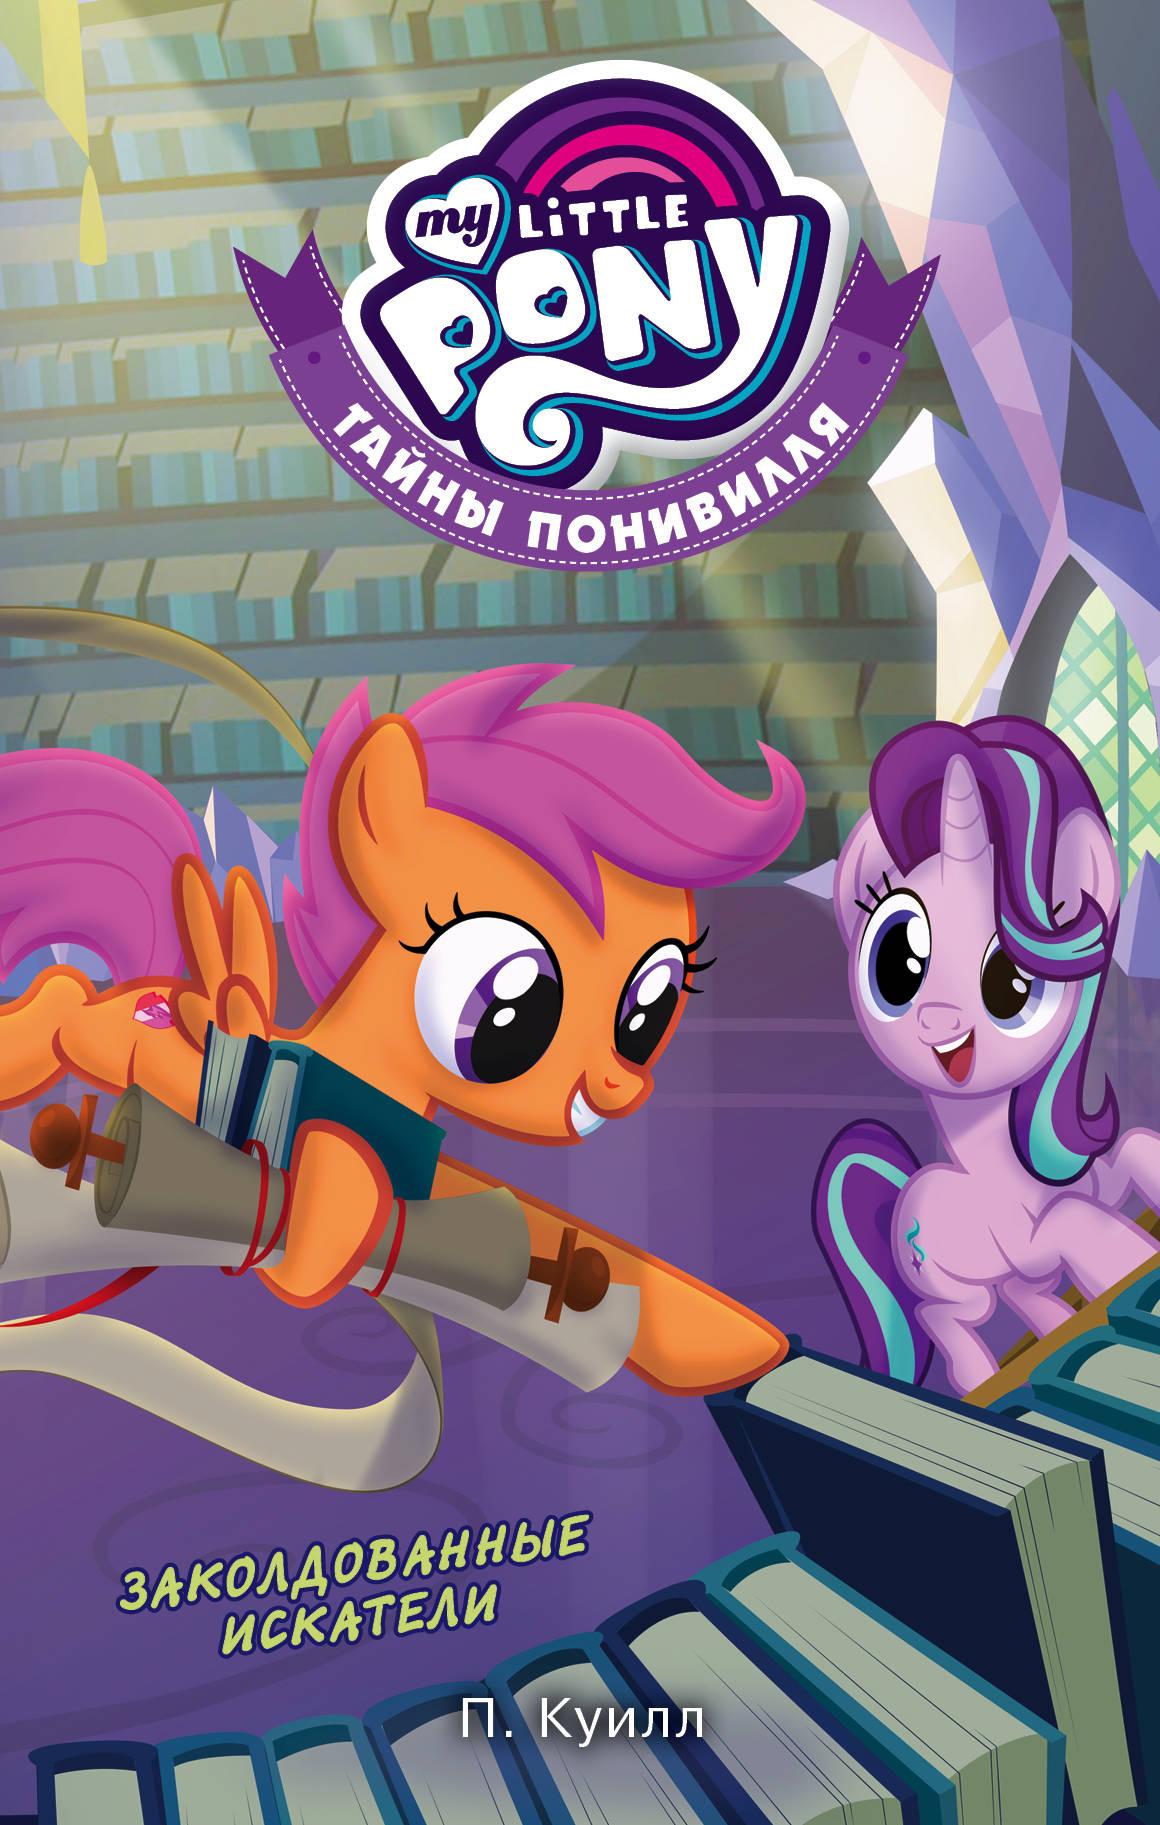 Куилл Пенумбра Мой маленький пони. Тайны Понивилля. Заколдованные Искатели а и соколова ж кессель побежденная любовь княжеские ночи